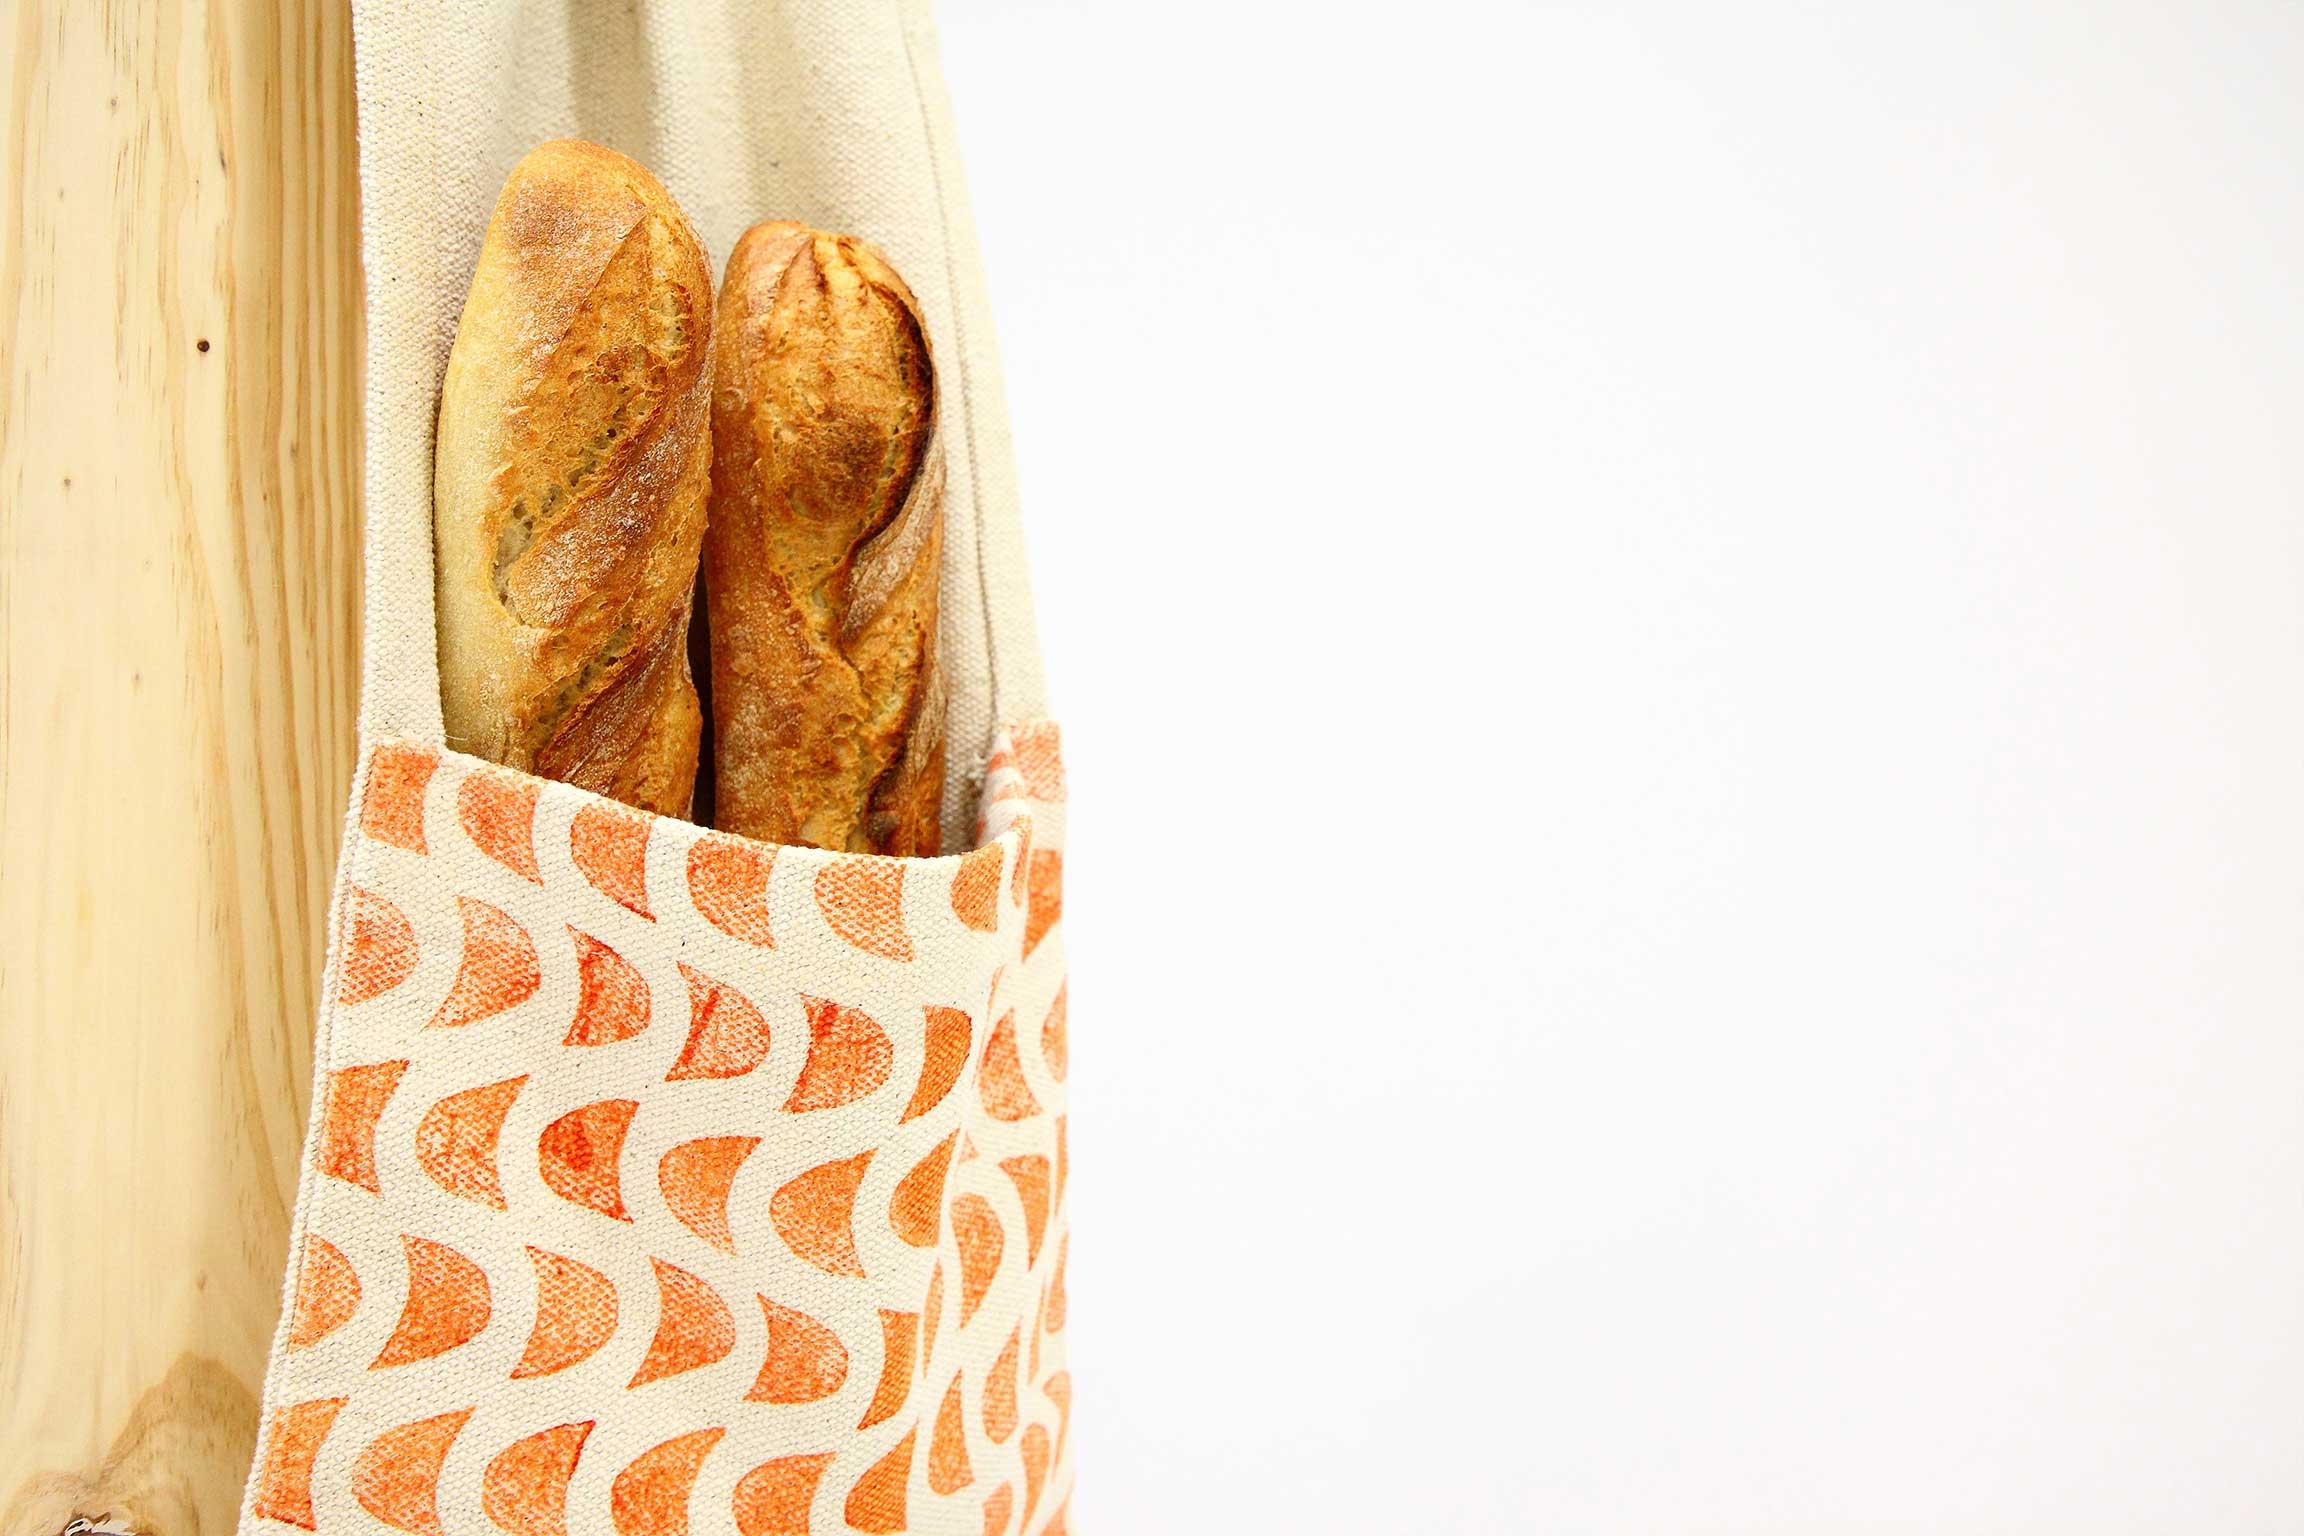 Ogi - Bag for bread